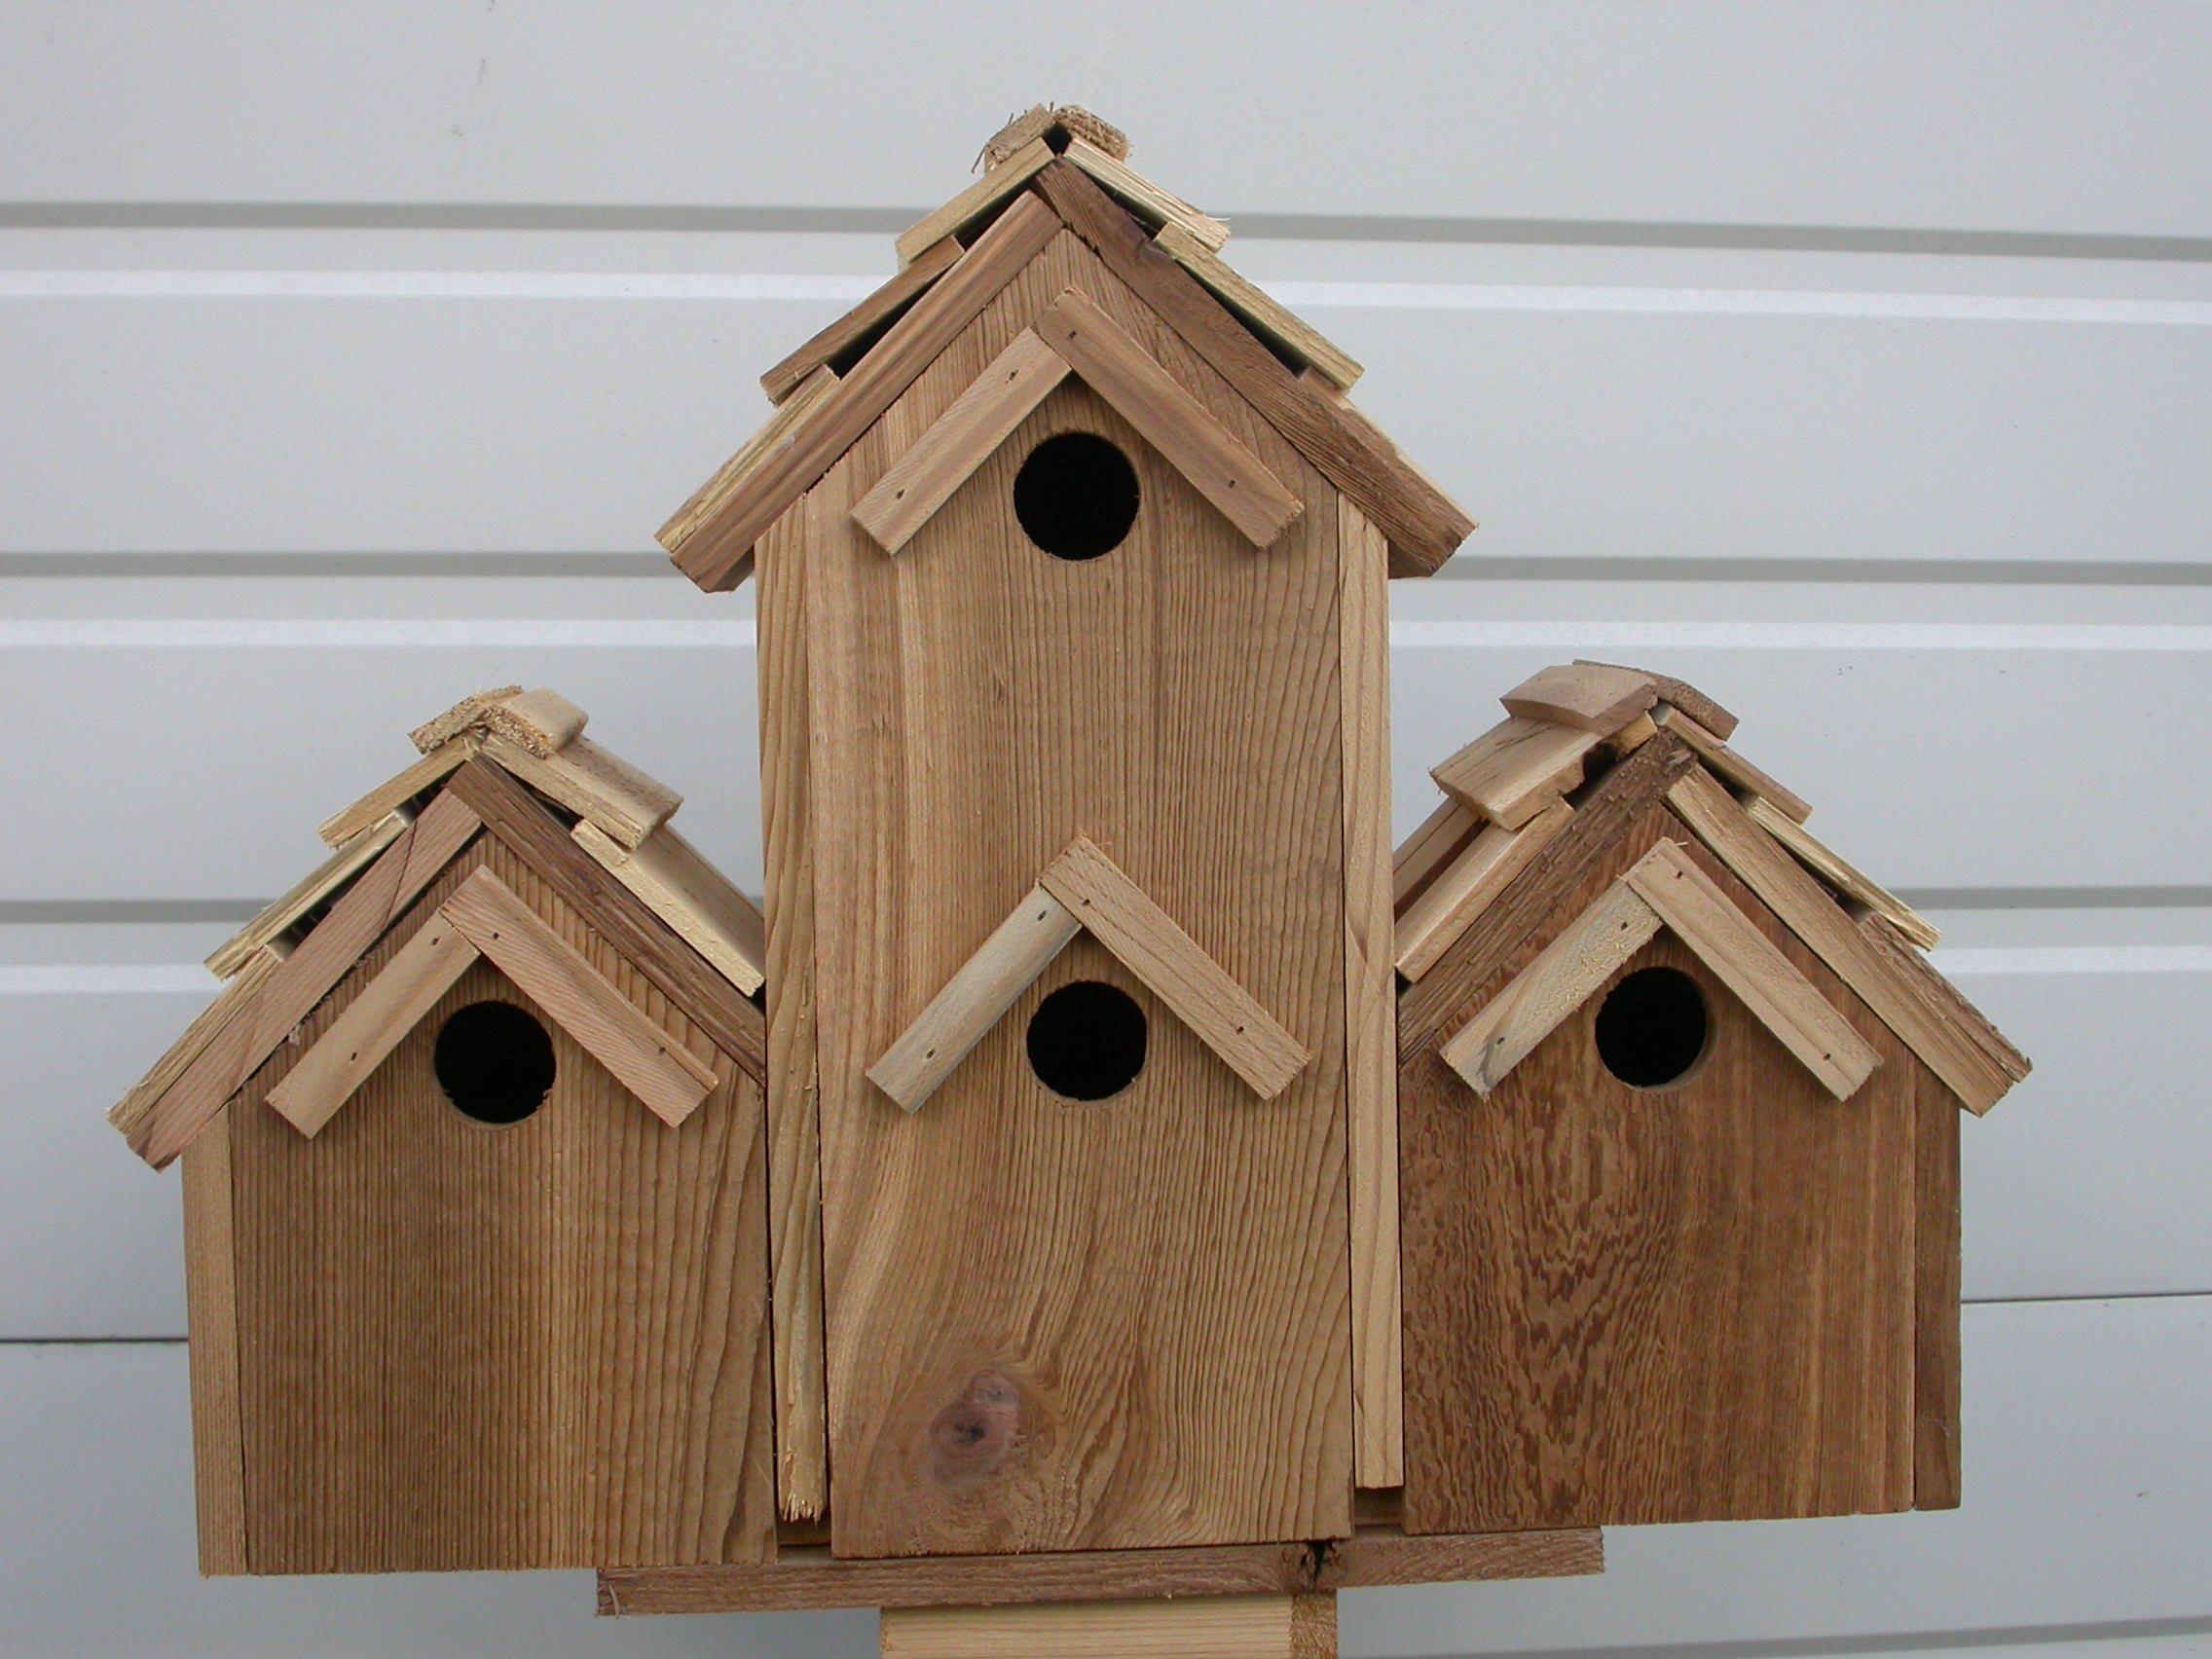 Cedarnest Cedar Birdhouse with 4 Seperate Compartments